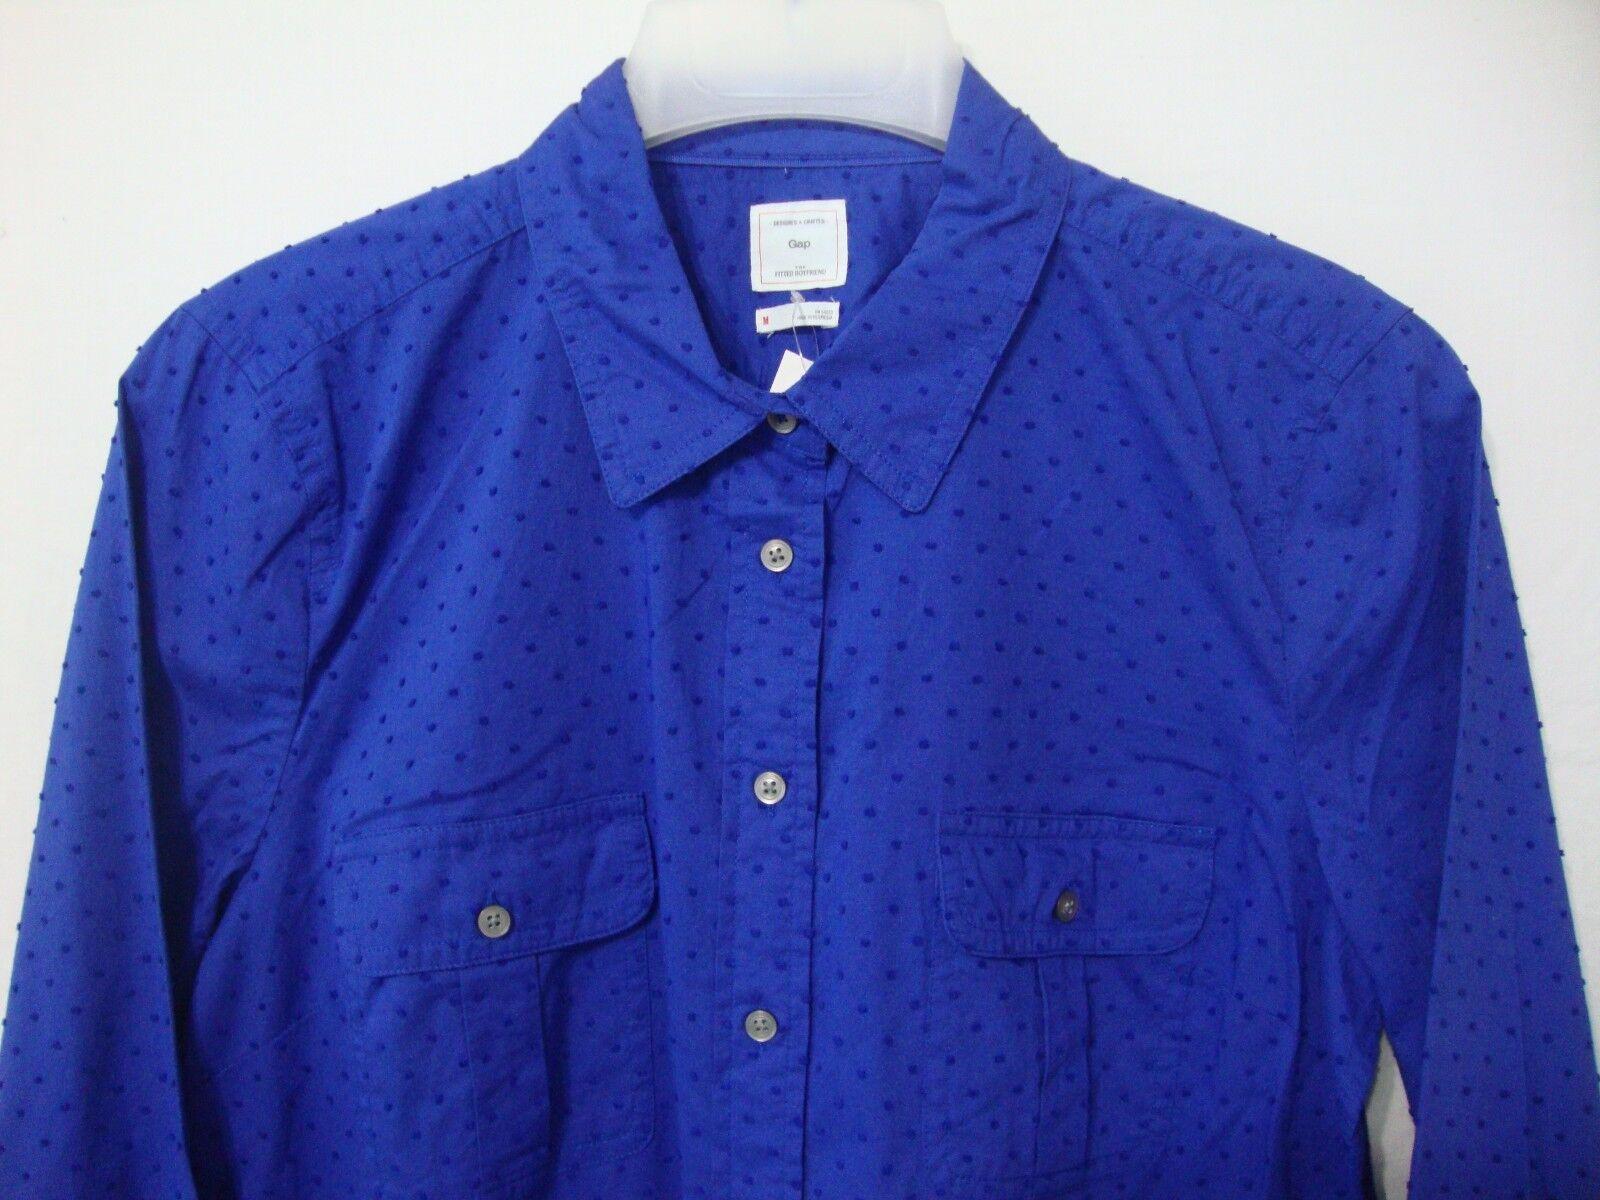 bdddfedfb55601 GAP Women's Medium Fitted Boyfriend Long Sleeve Shirt bluee Polka Dots NWT